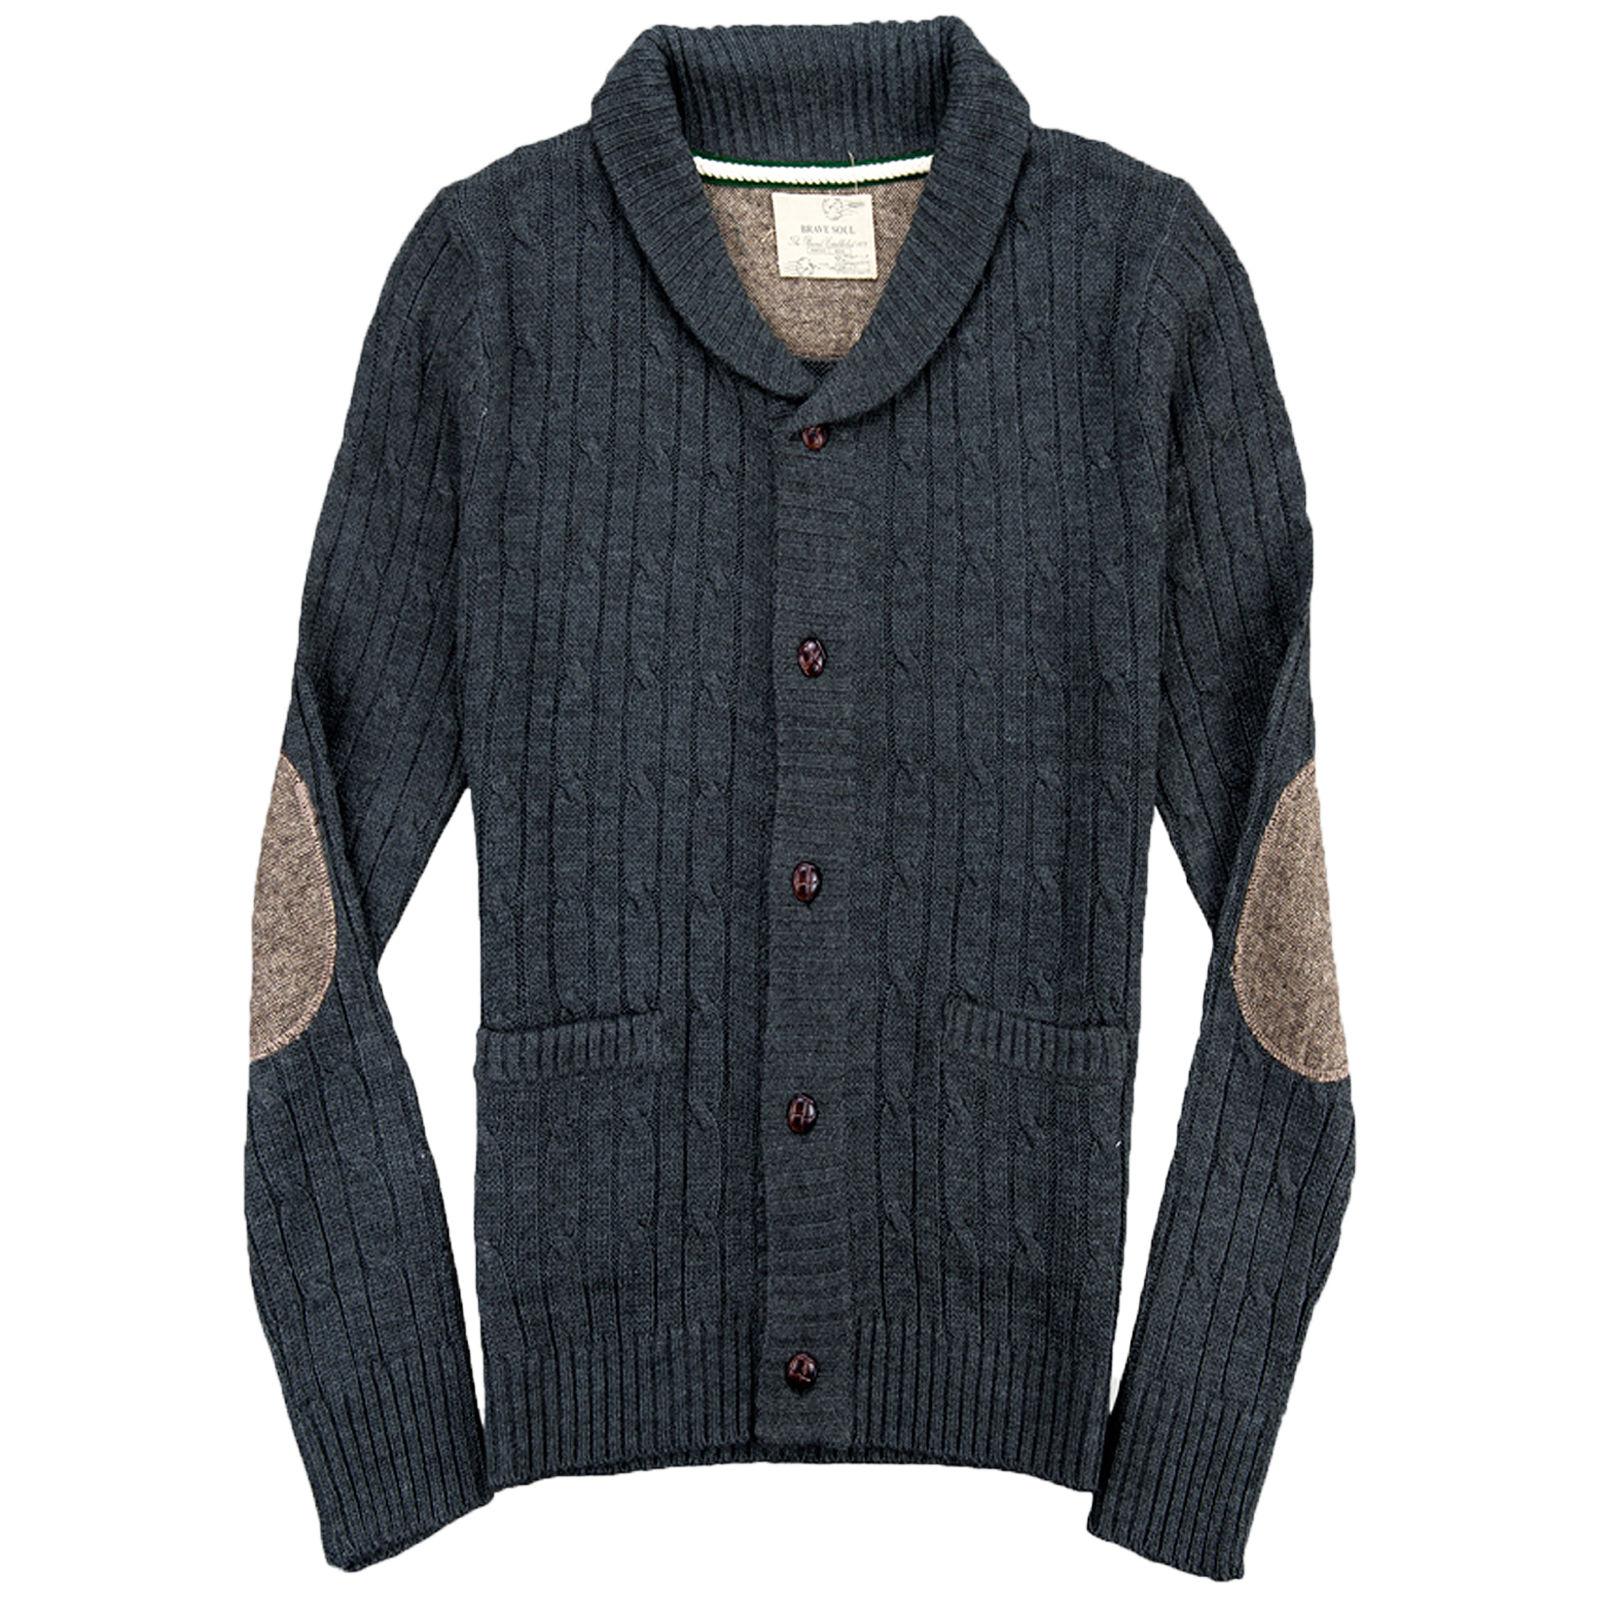 hommes cardigan brave soul neuf tricot grosse maille hiver. Black Bedroom Furniture Sets. Home Design Ideas